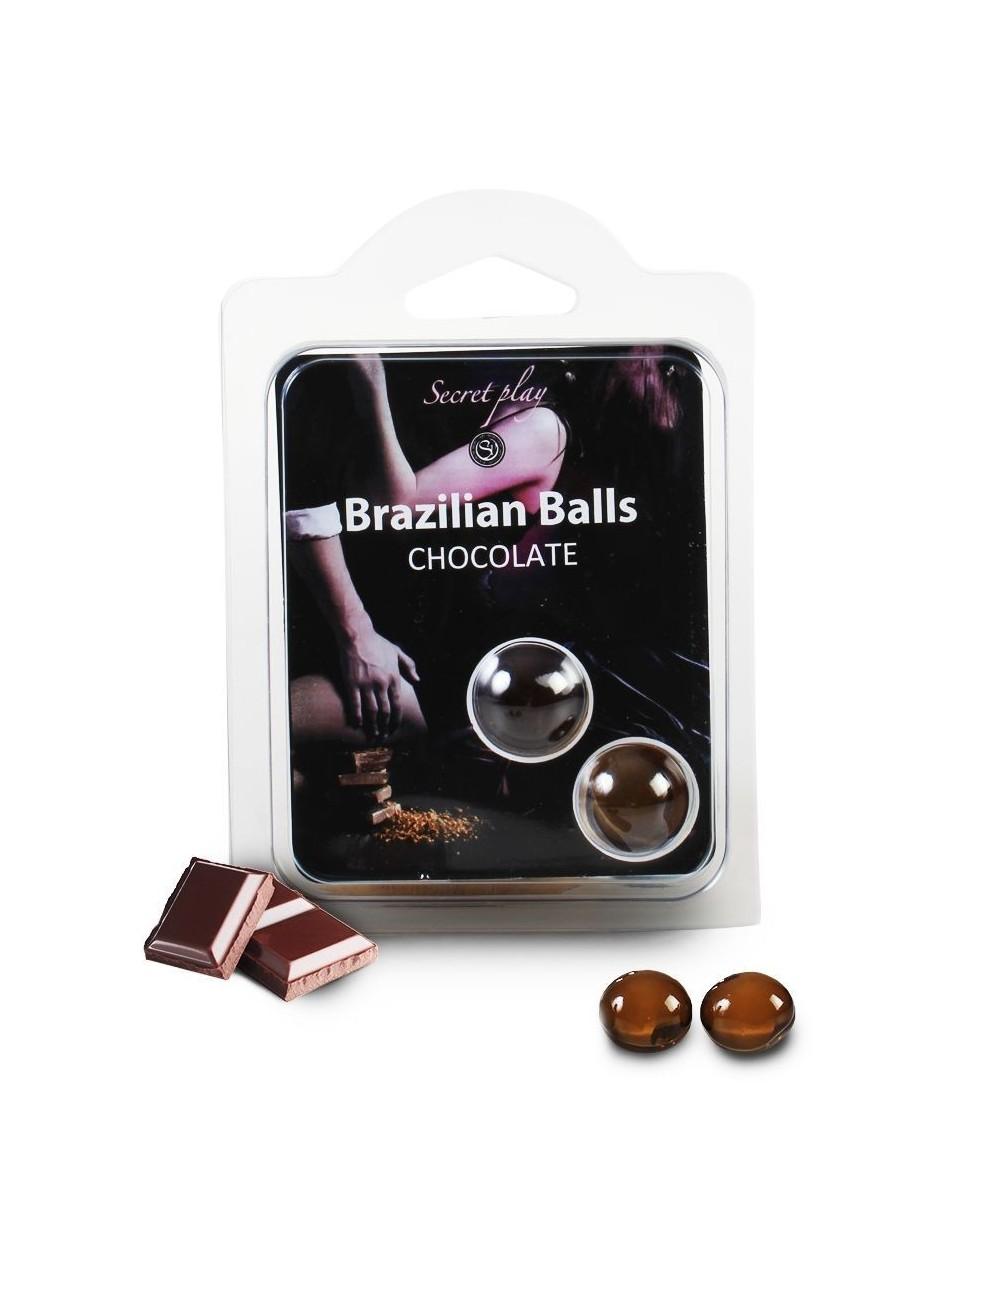 Duo nouvelles Brazilian Balls parfum Chocolat - BZ-03747 - Huiles de massage -